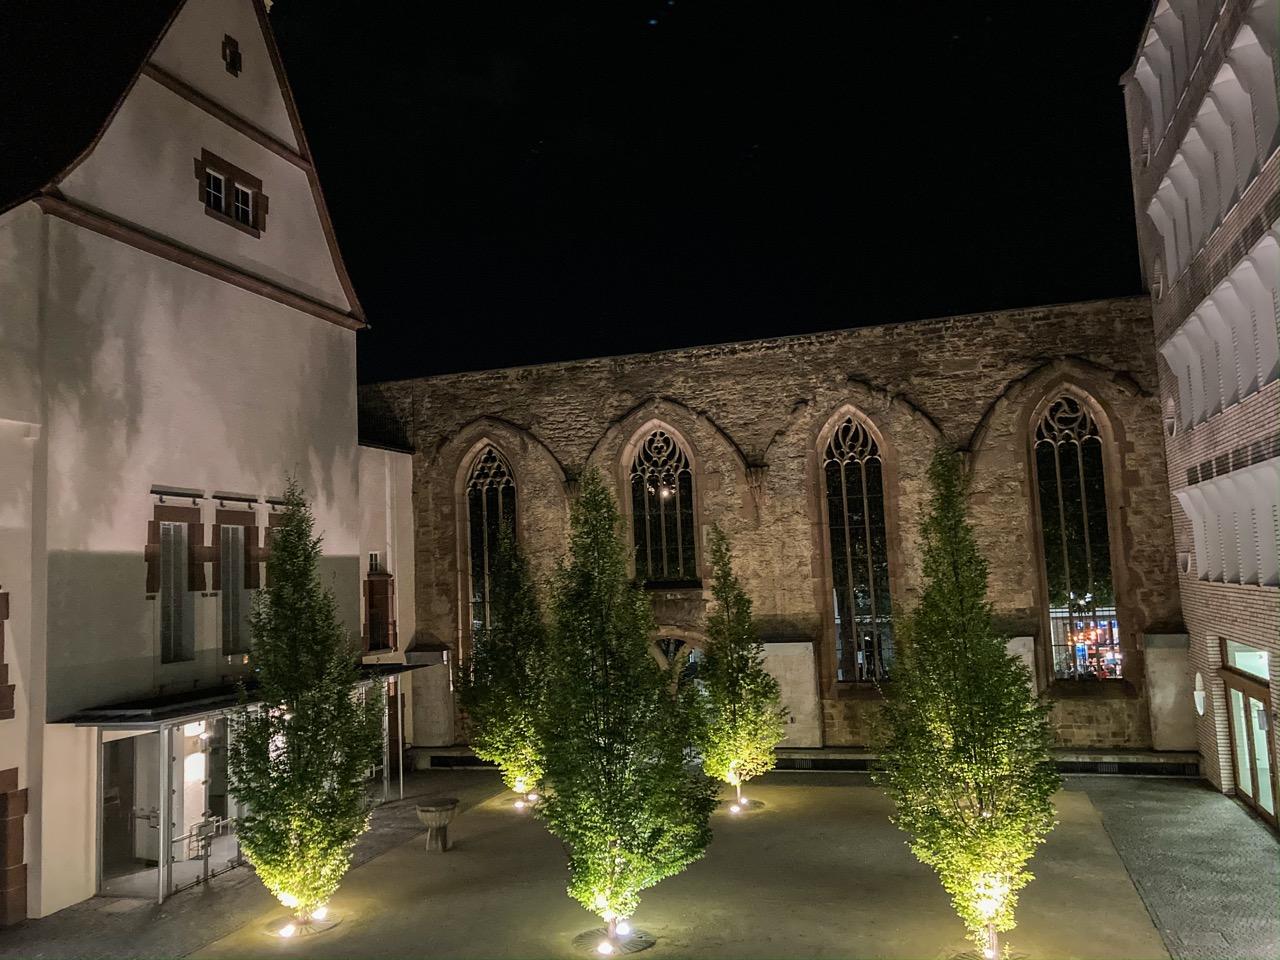 Innenhof bei Nacht